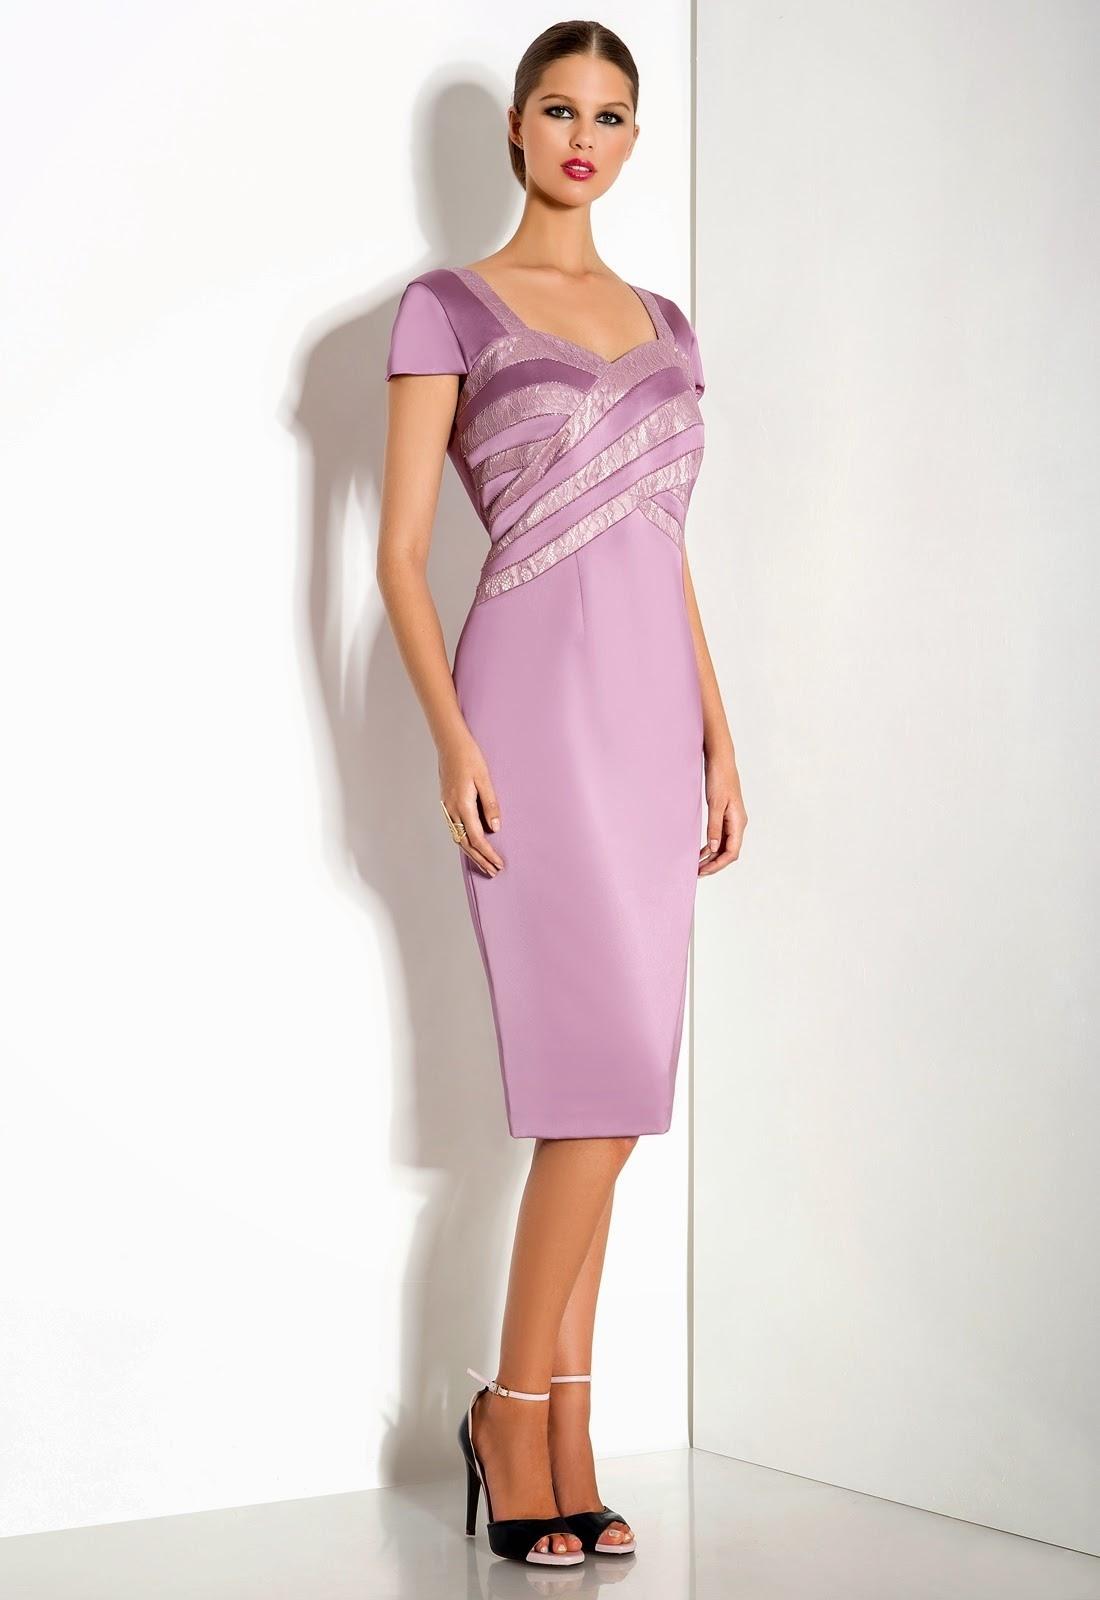 Formal Schön Elegante Kleider Zur Hochzeit Spezialgebiet Perfekt Elegante Kleider Zur Hochzeit Stylish